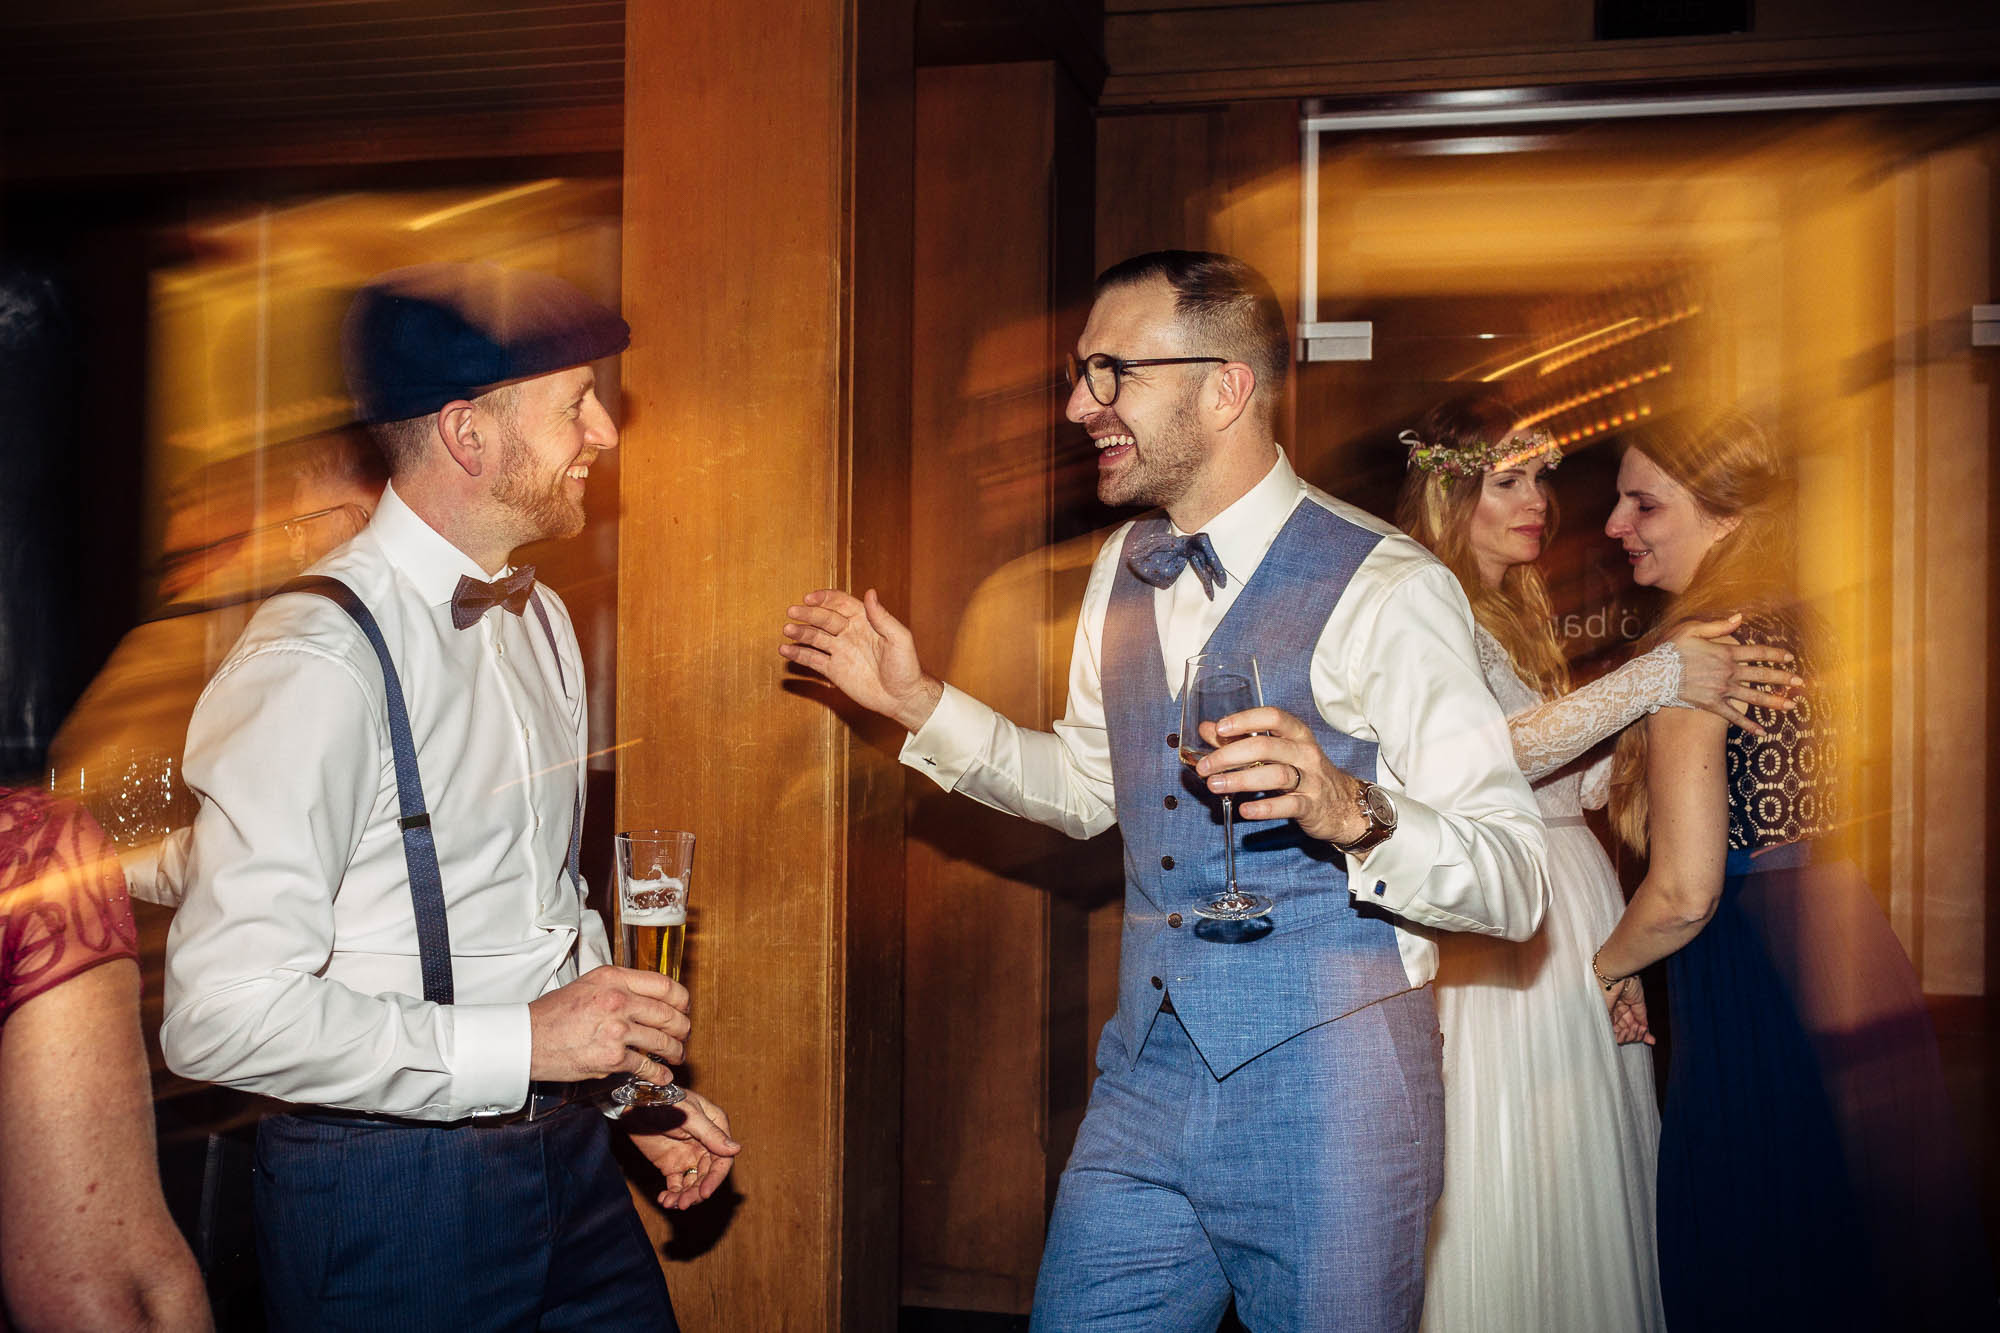 Bräutigam und Kolleg tanzen